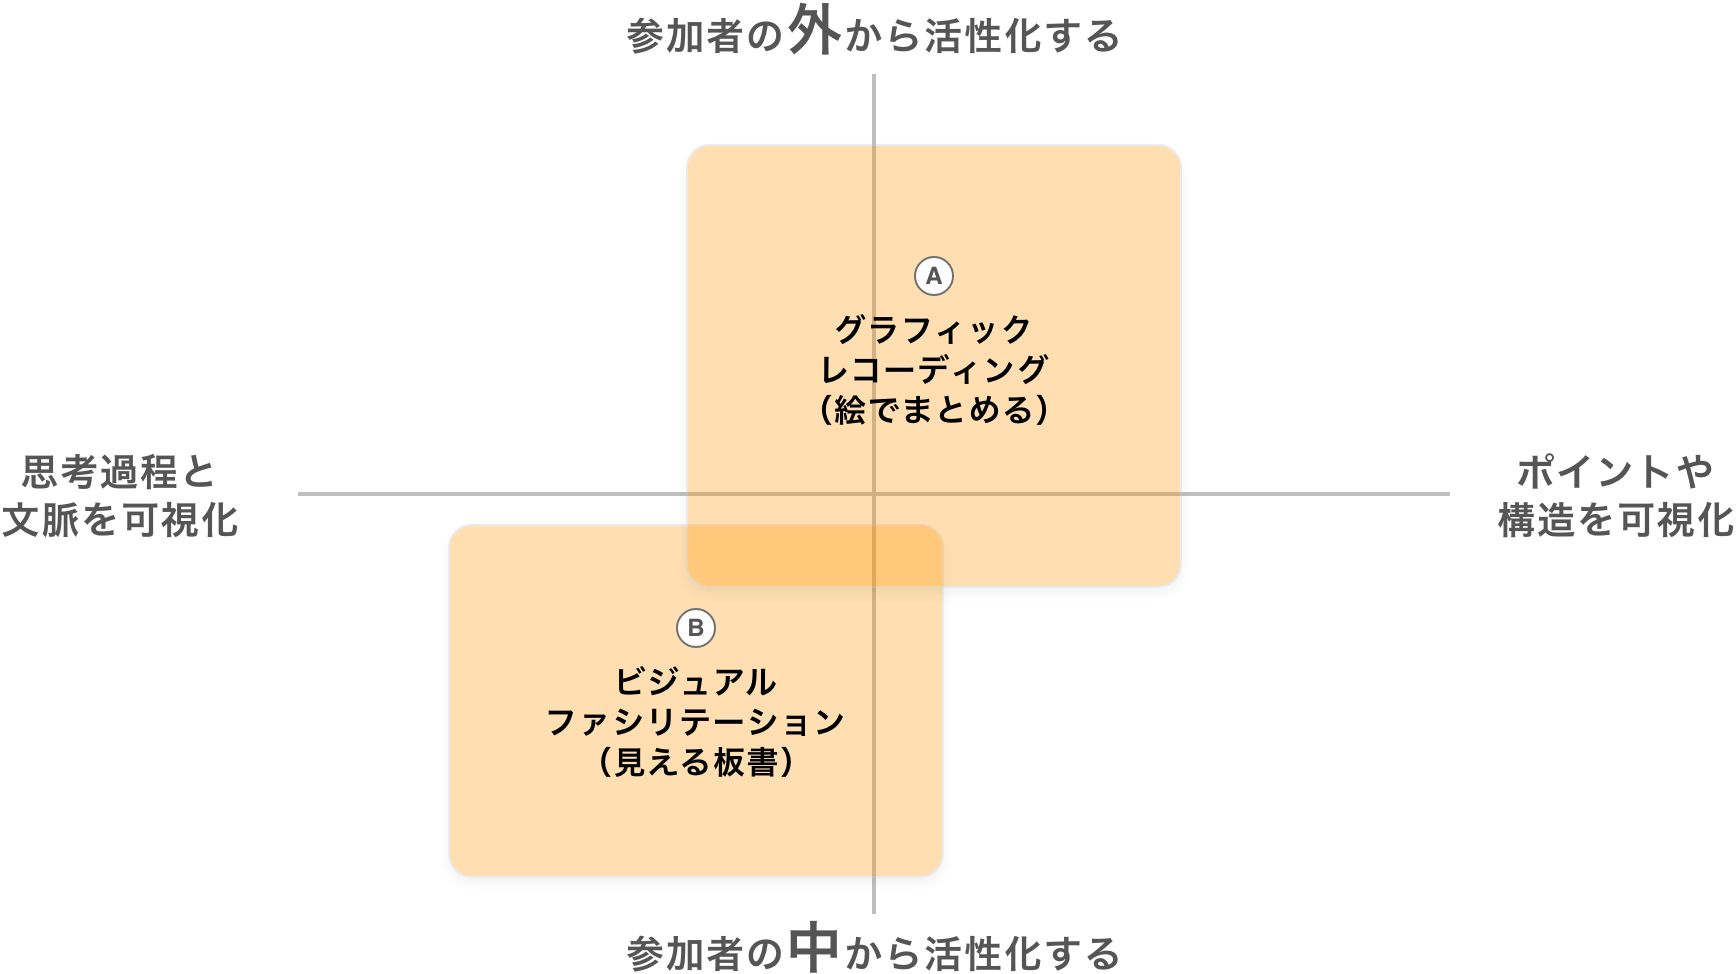 視覚化メソッドの種類のイメージ